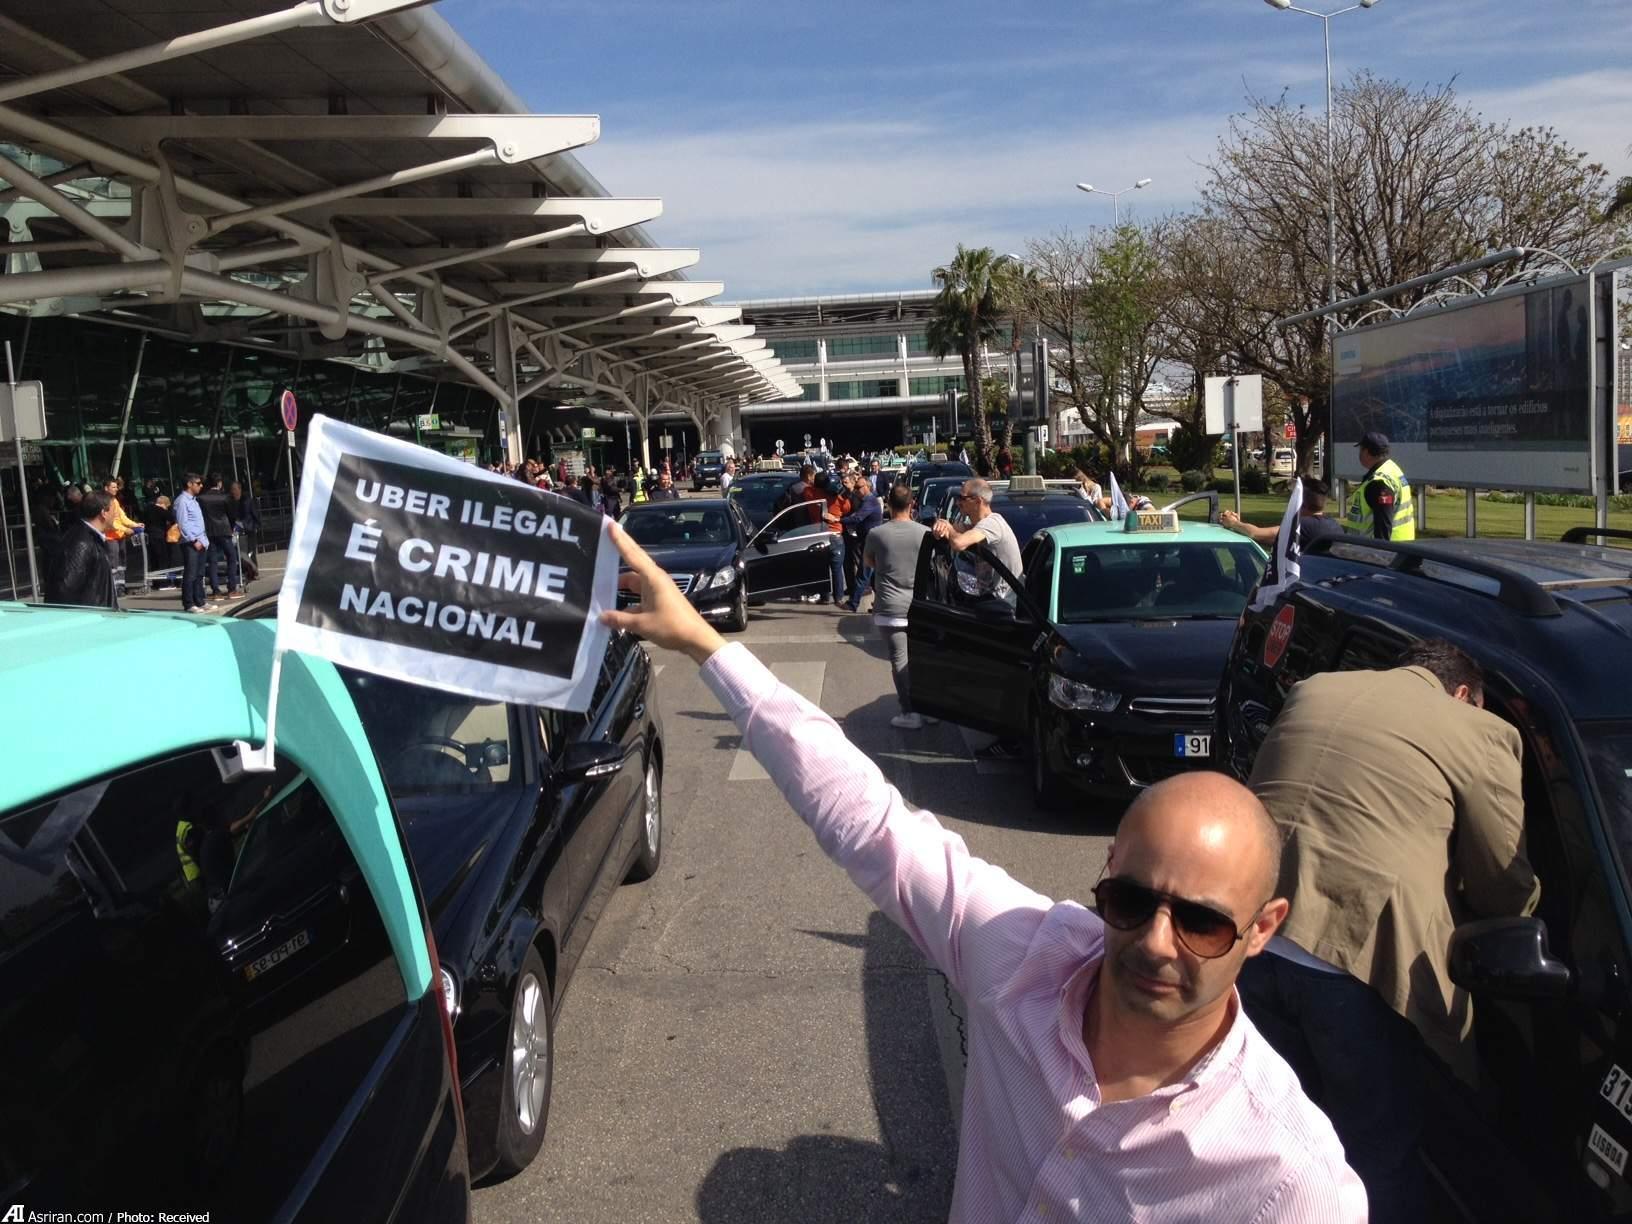 اعتصاب رانندگان پرتغالی علیه یک اپلیکیشن موبایلی (+عکس)